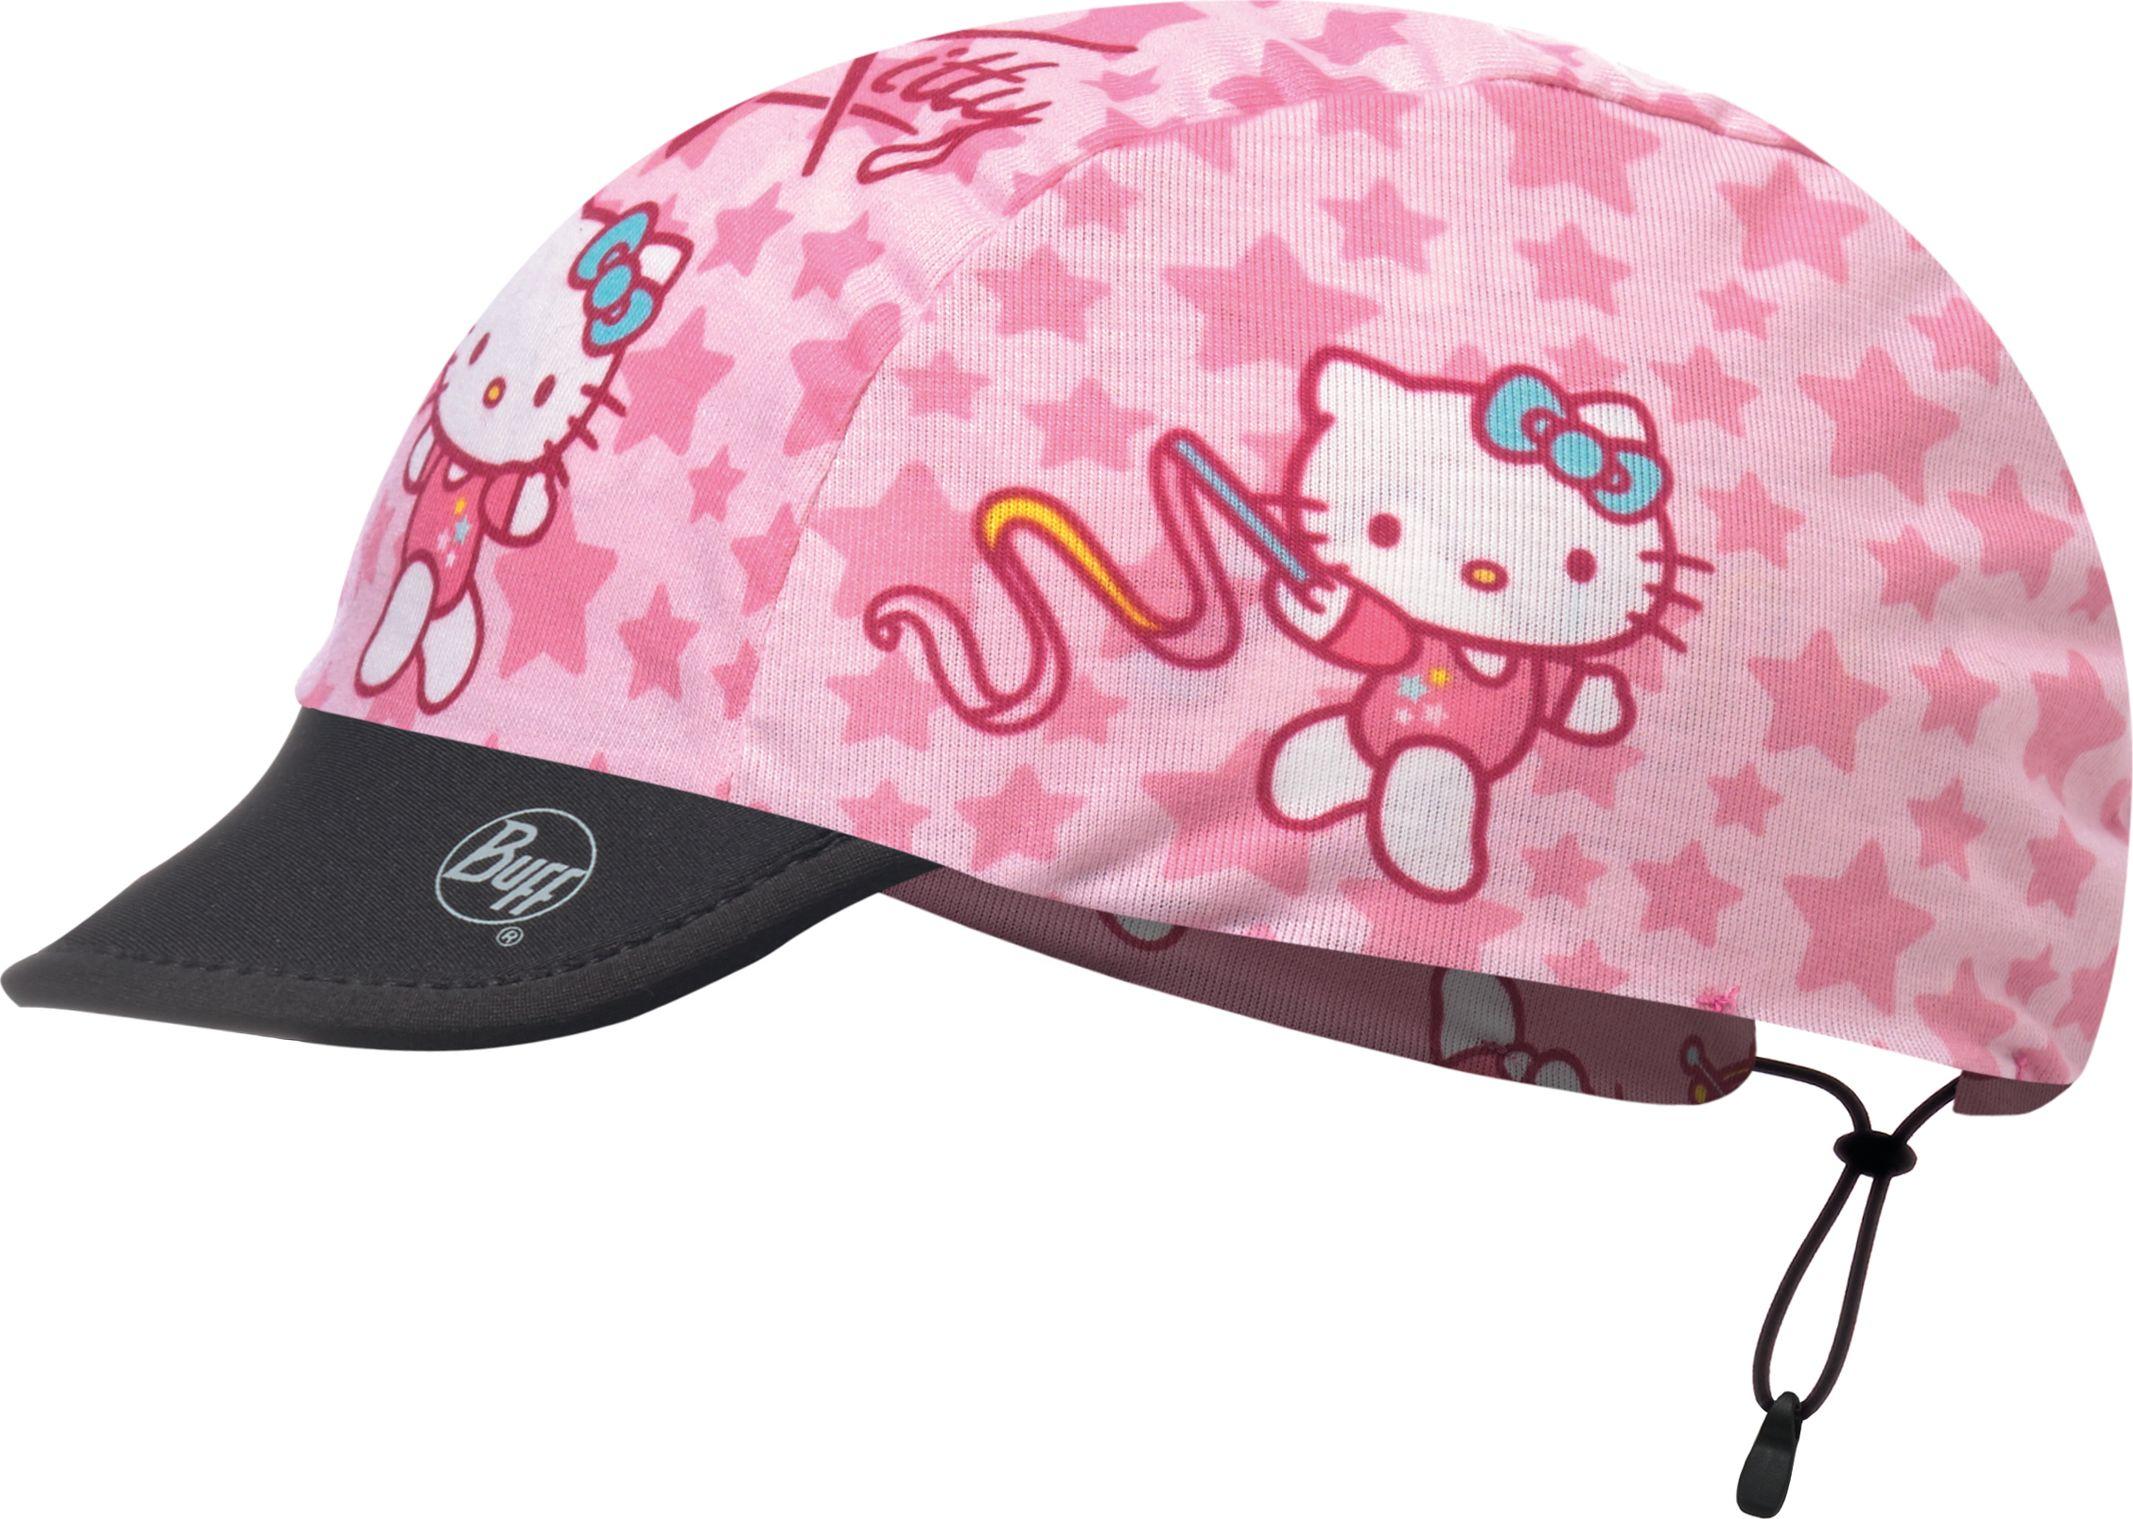 Кепка для девочки Buff Hello Kitty Cap Gymnastics Pink, цвет: розовый. 117286.538.10.00. Размер универсальный117286.538.10.00Яркая, легкая двухсторонняя кепка для девочек- защита от солнца в жаркое время года. Имеет два дизайна, чтобы сменить один дизайн на другой достаточно вывернуть изделие наизнанку. Козырек выполнен из неопрена. Особенности: защита от ультрафиолетового излучения на 95%; превосходная воздухопроницаемость и контроль влажности; легкий вес, помещается в карман; кепка прекрасно держится на голове и не спадает при любой степени активности. Размер (обхват головы): 45-51 см (дети 4-8 лет).